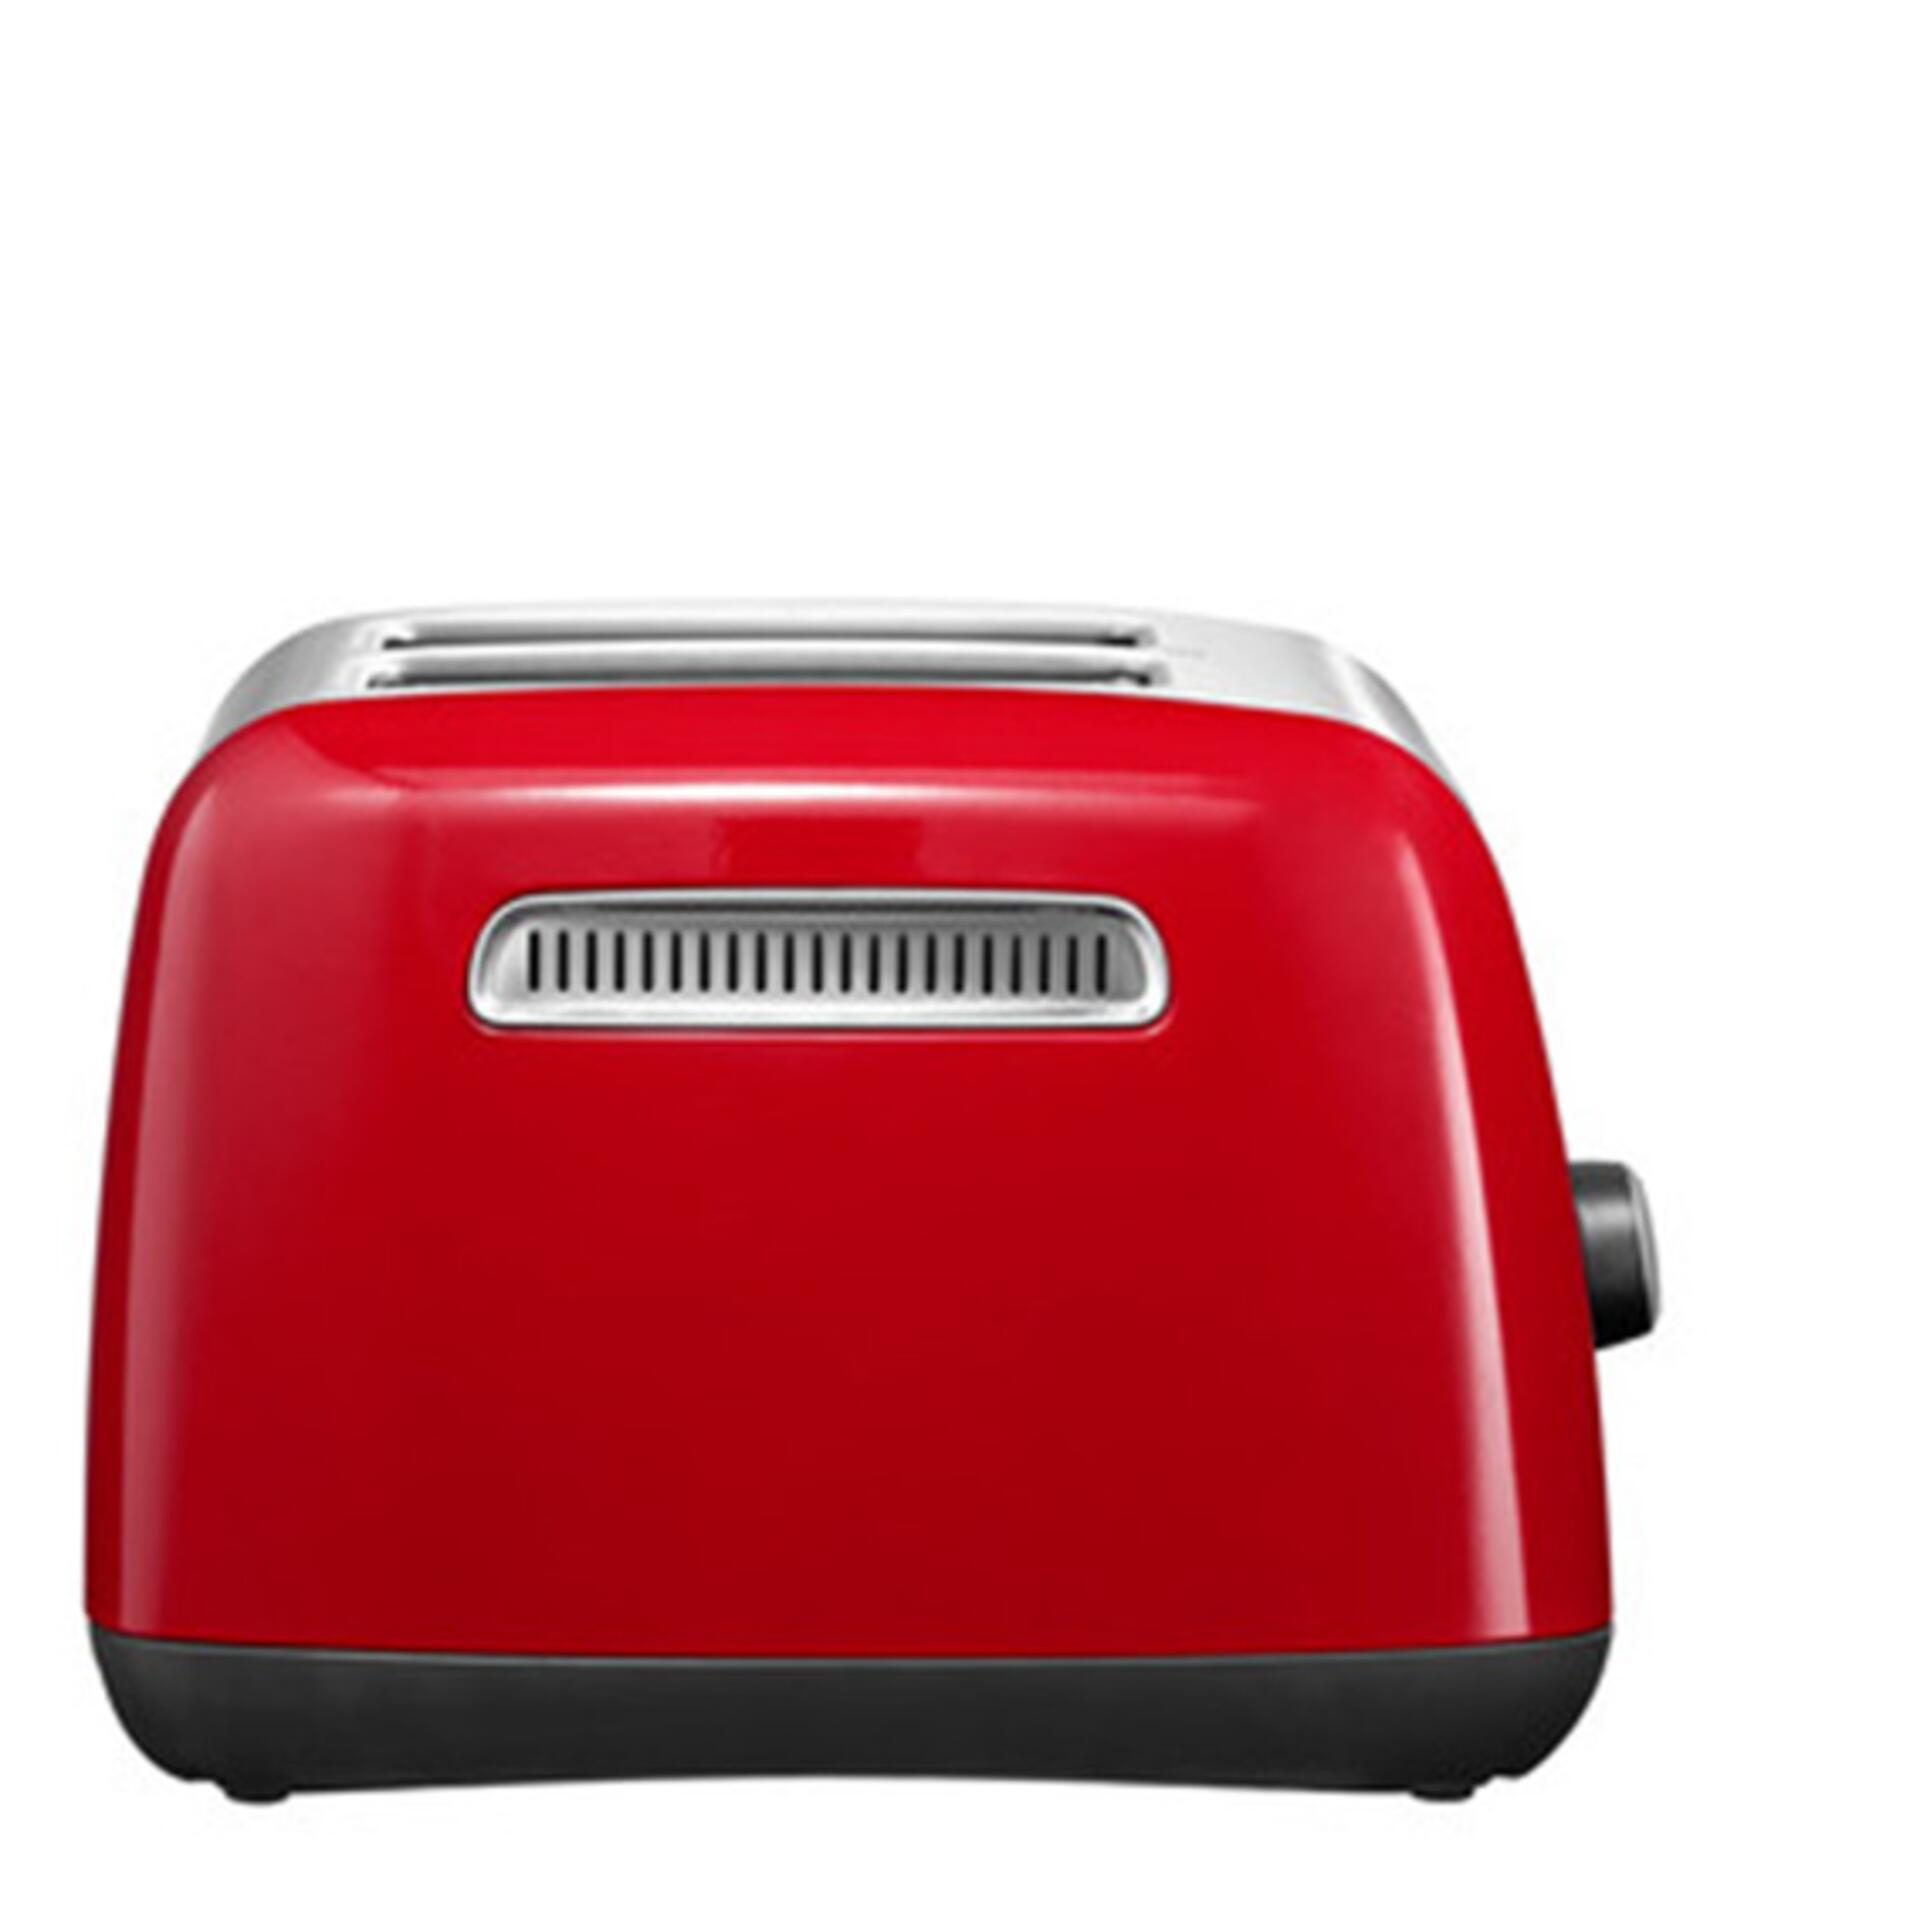 KitchenAid Toaster Silber 5KMT221ECU